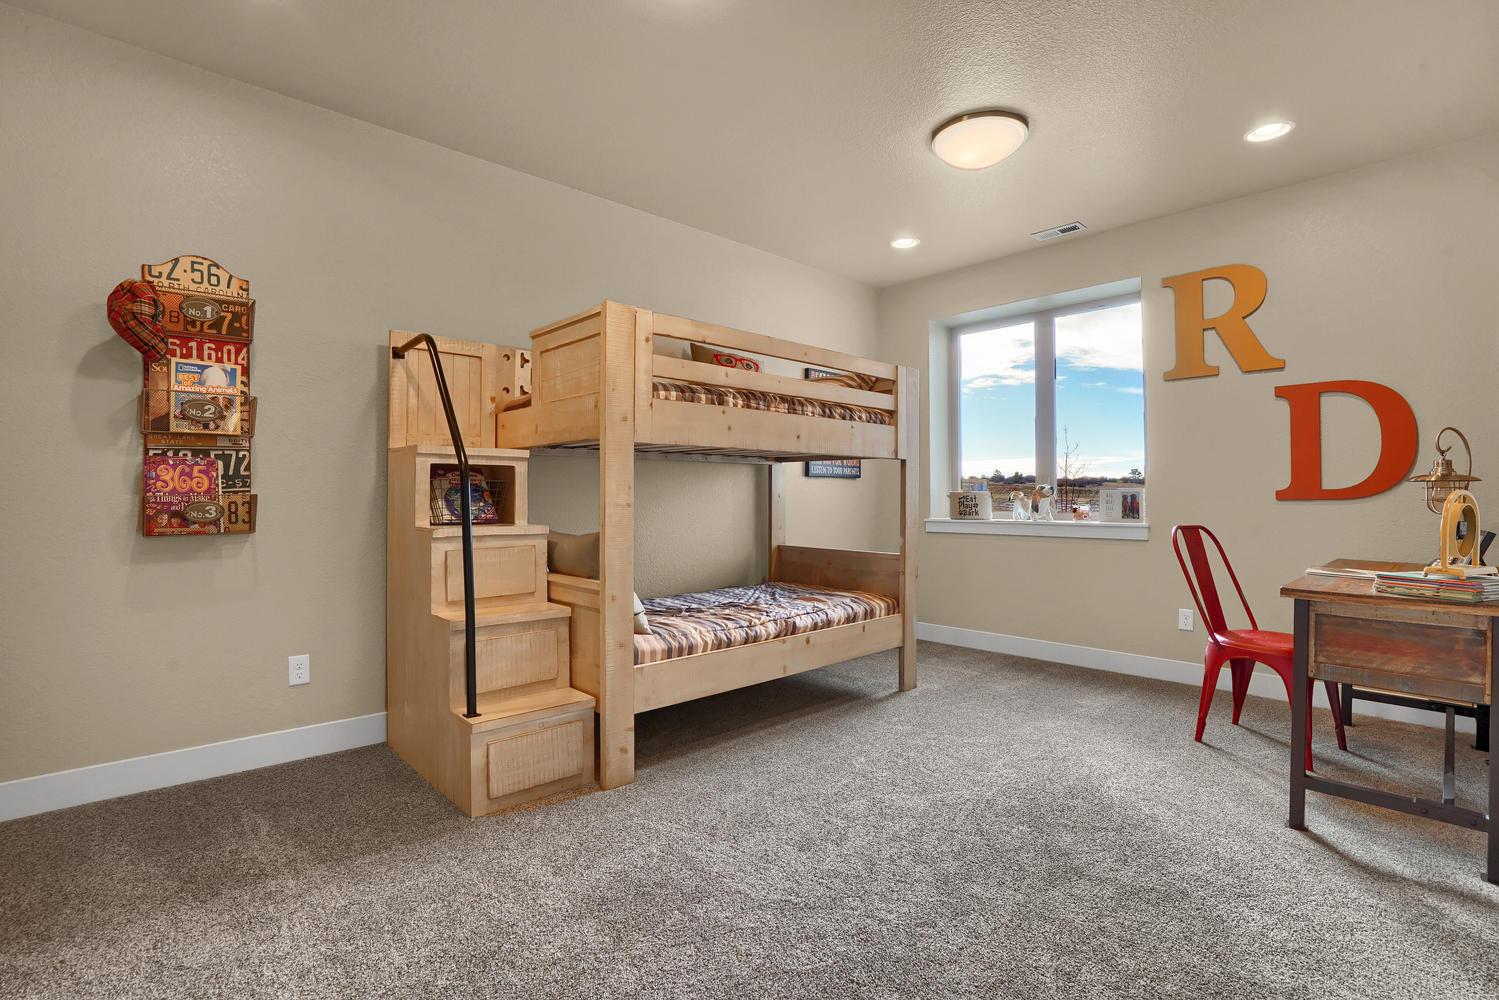 1807 Redbank Dr Colorado-large-031-30-Bedroom-1499x1000-72dpi.jpg